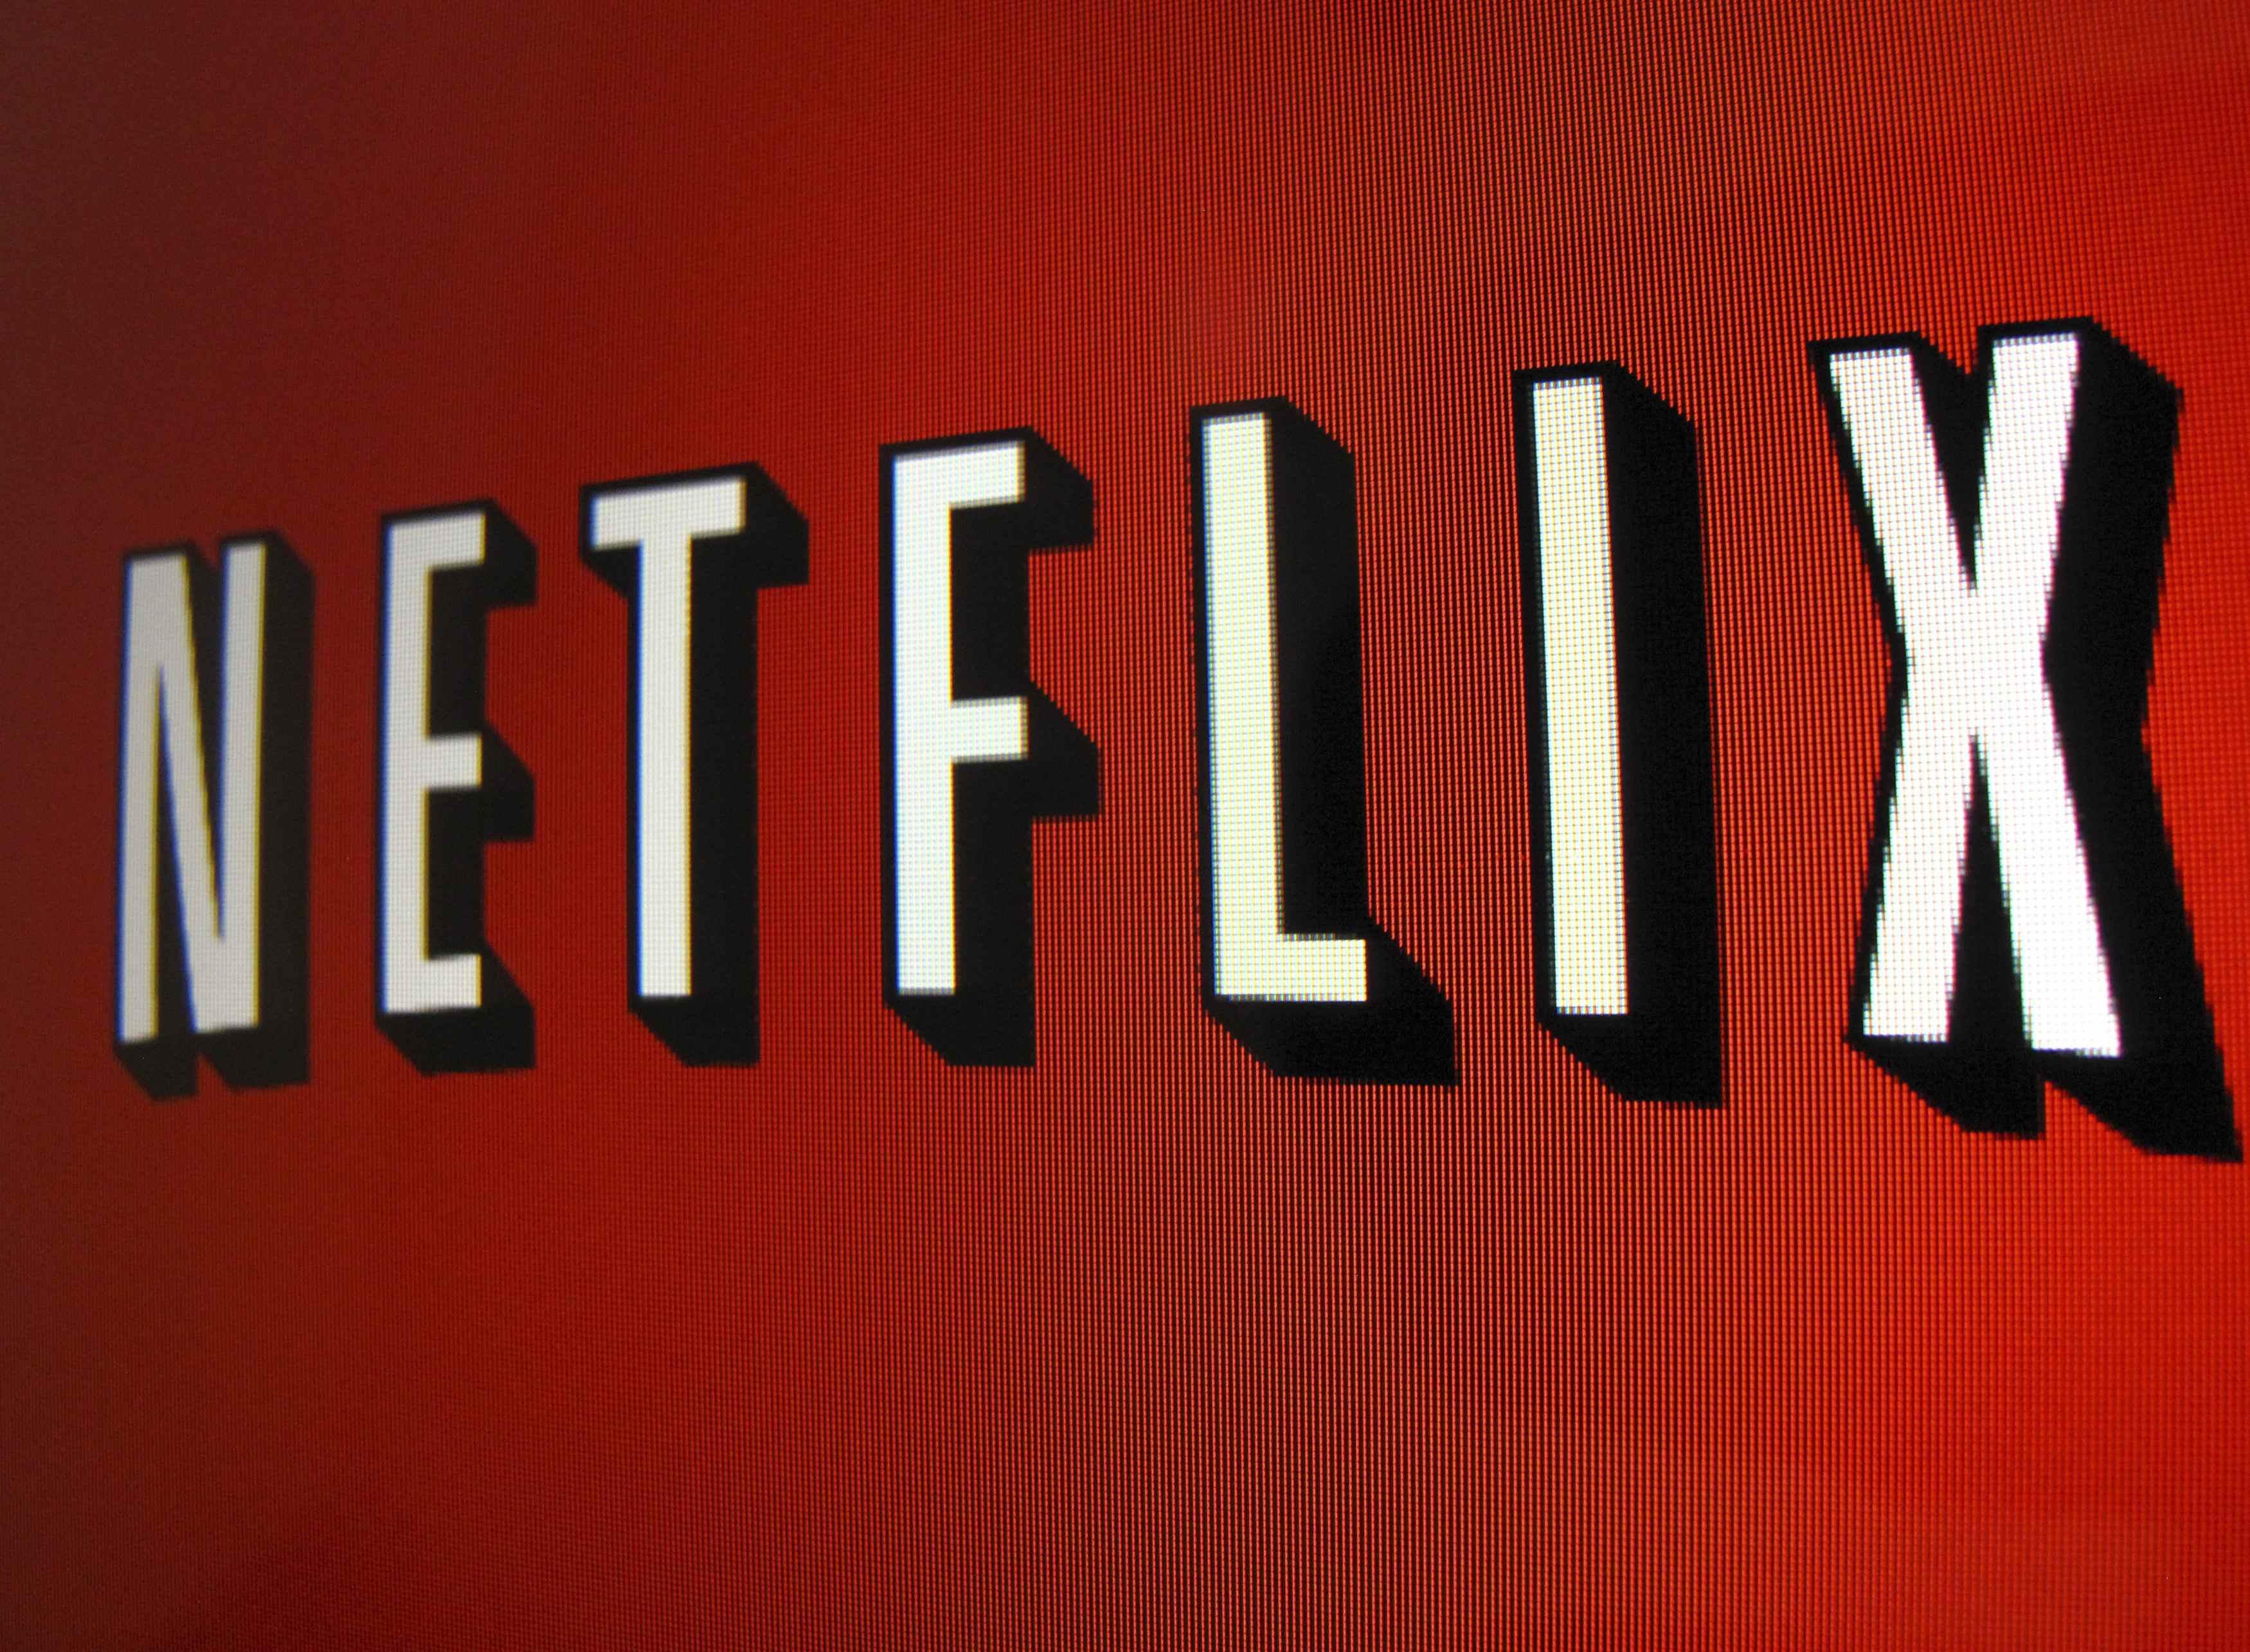 Netflix devine post de televiziune. 500.000 de americani il vor regasi in grila de programe inceptand cu saptamana viitoare